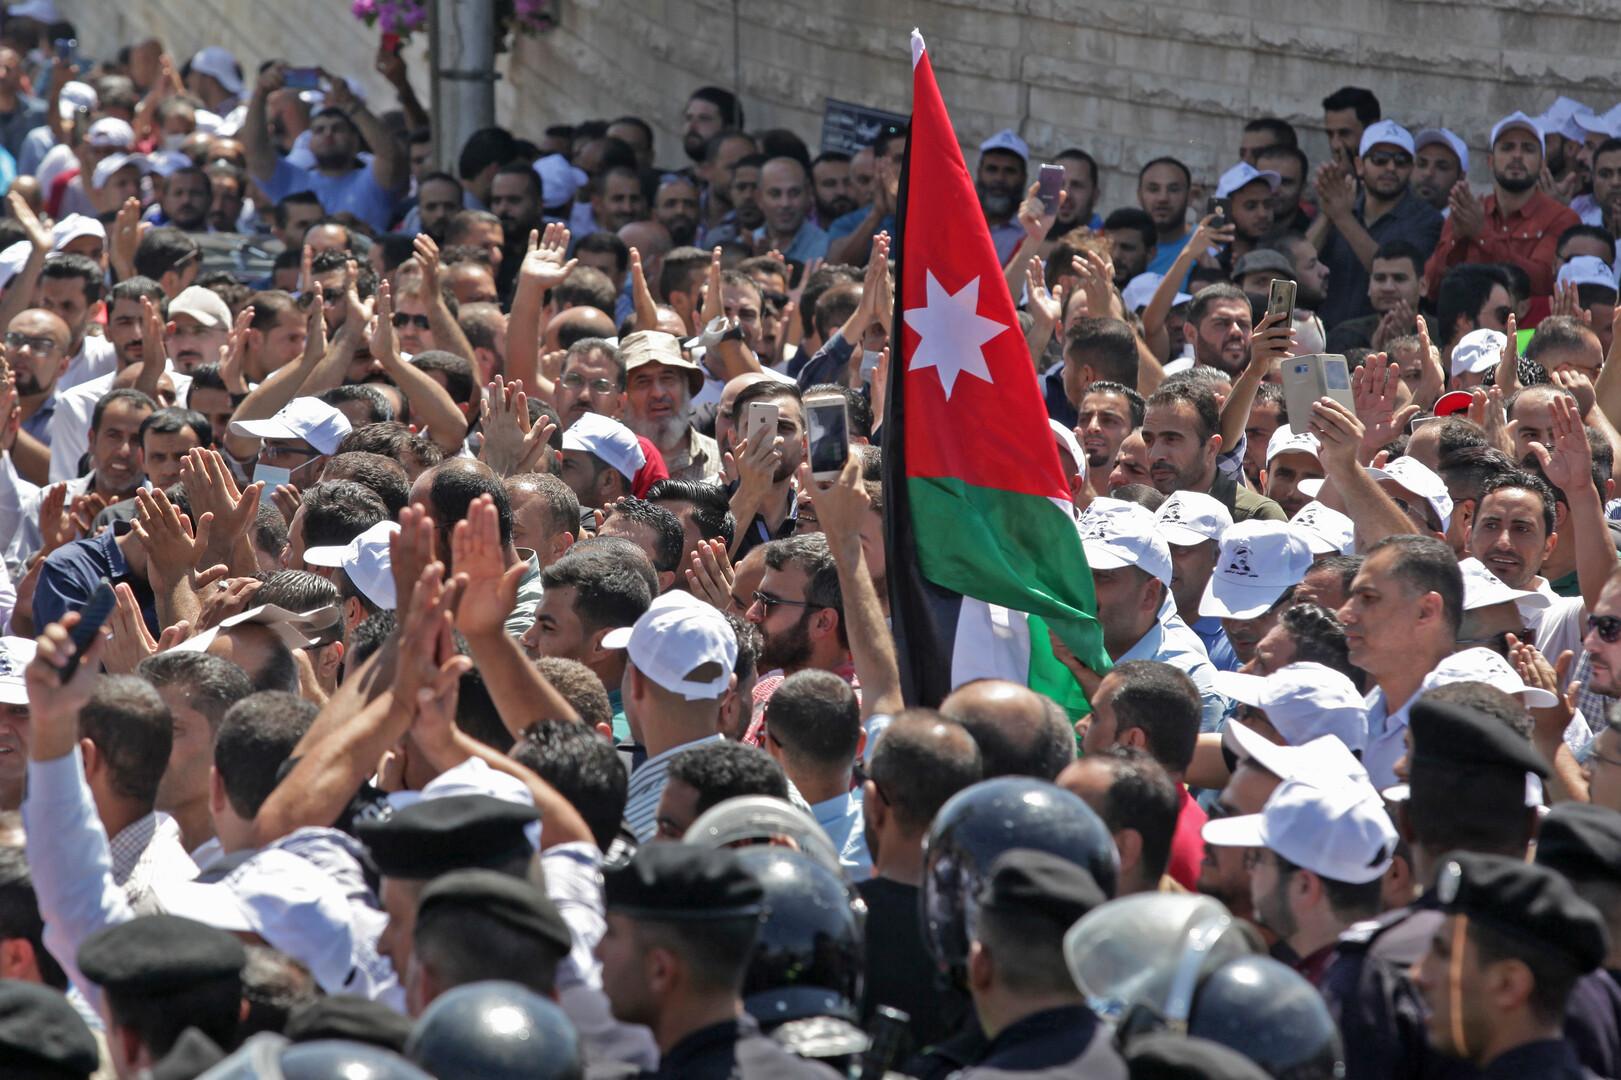 احتجاجات المعلمين الأردنيين في العاصمة عمان